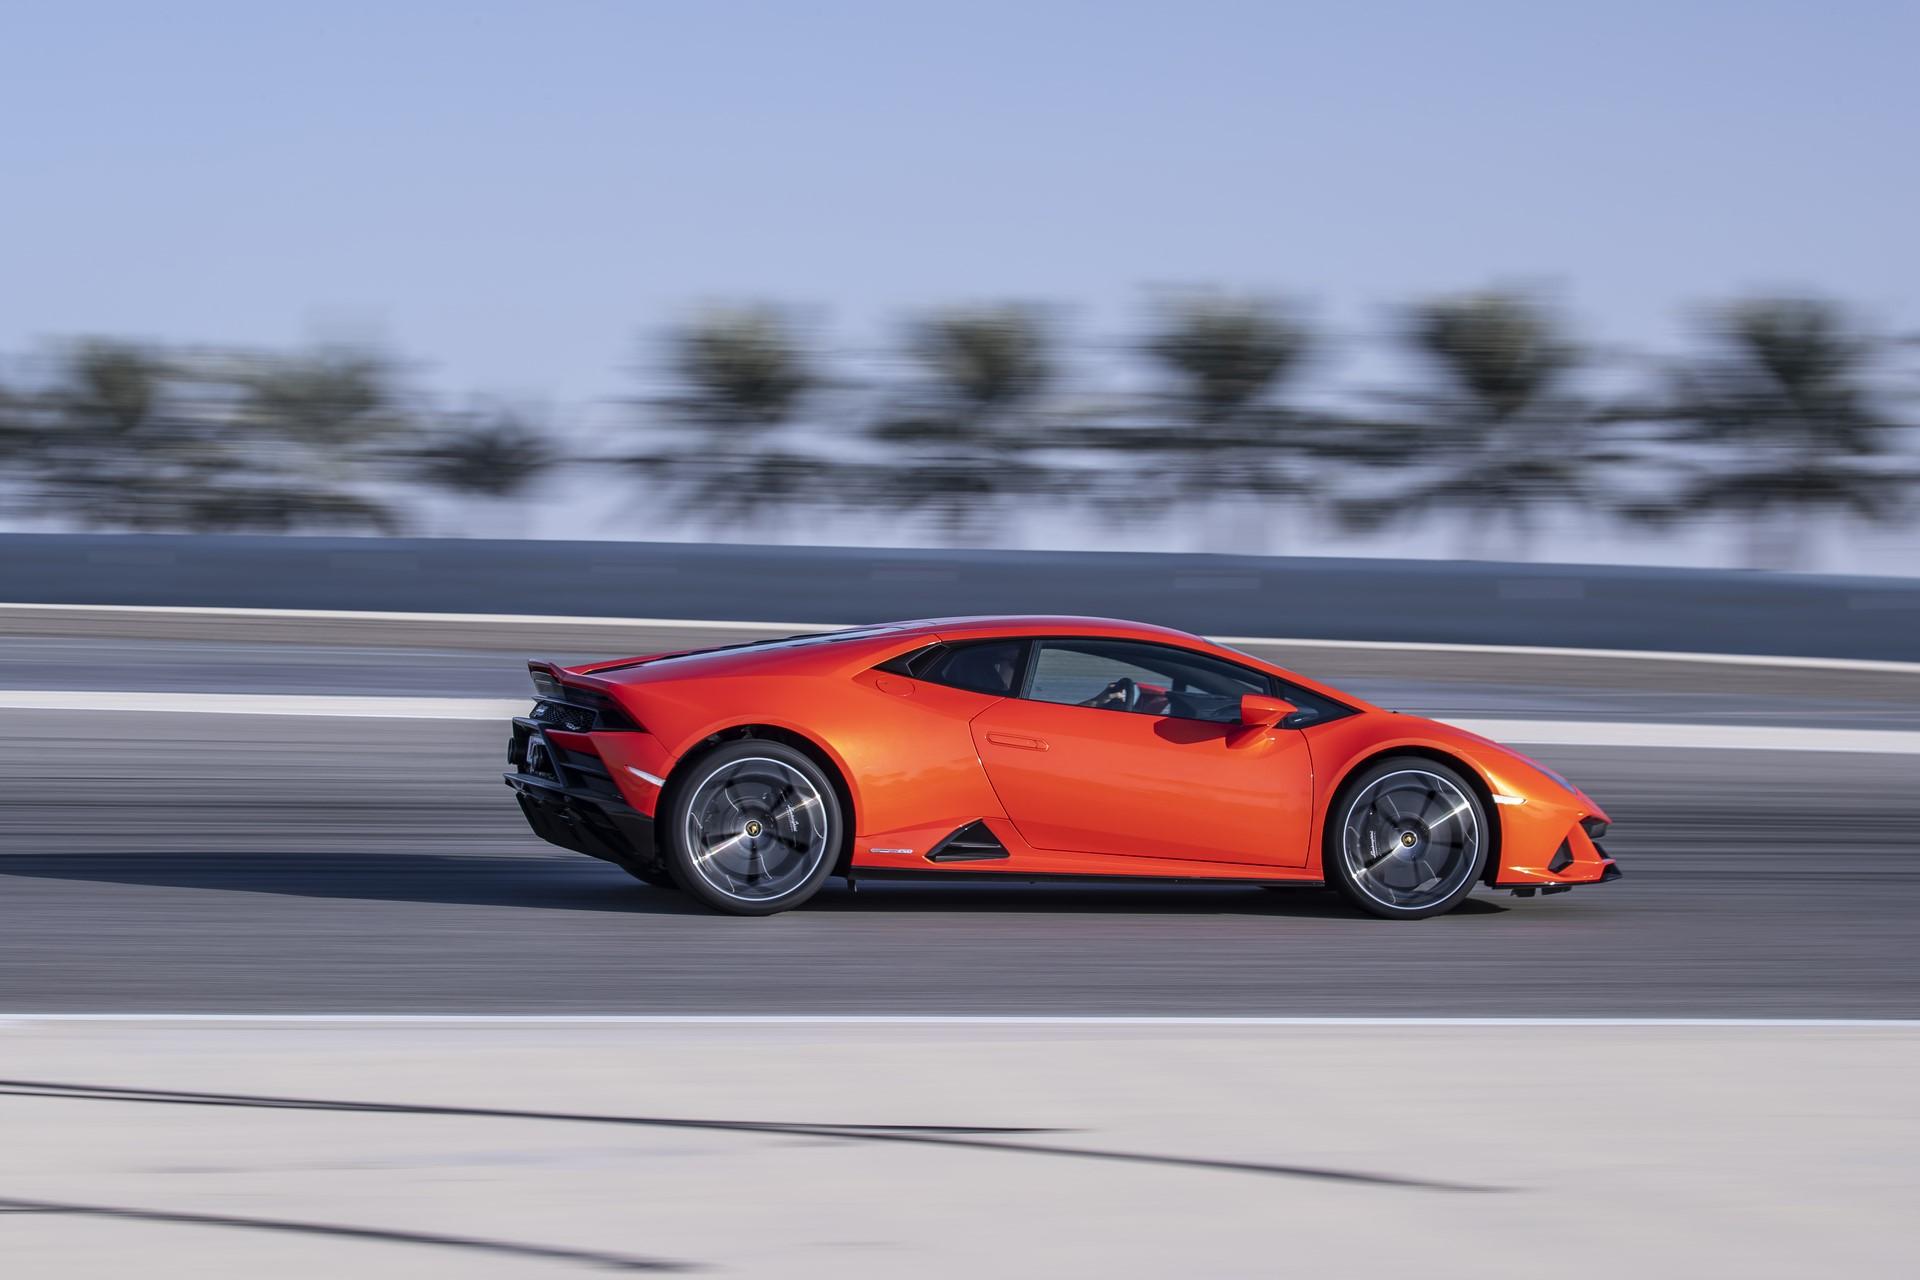 Lamborghini Huracan Evo 2019 (52)